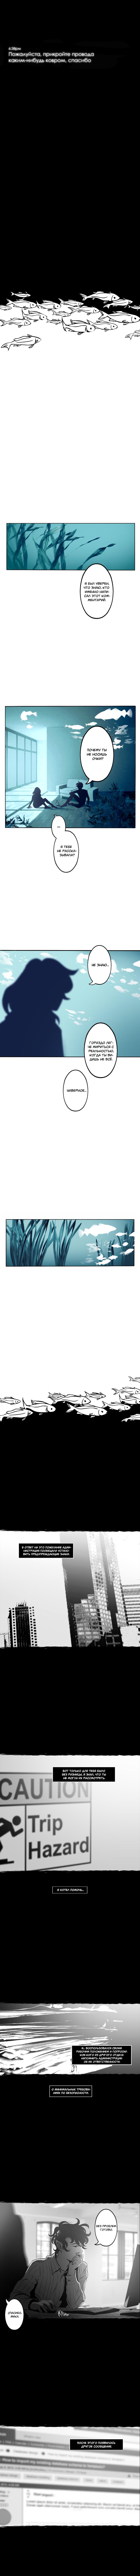 https://r2.ninemanga.com/comics/pic3/0/33536/1325202/1553132711739.png Page 4